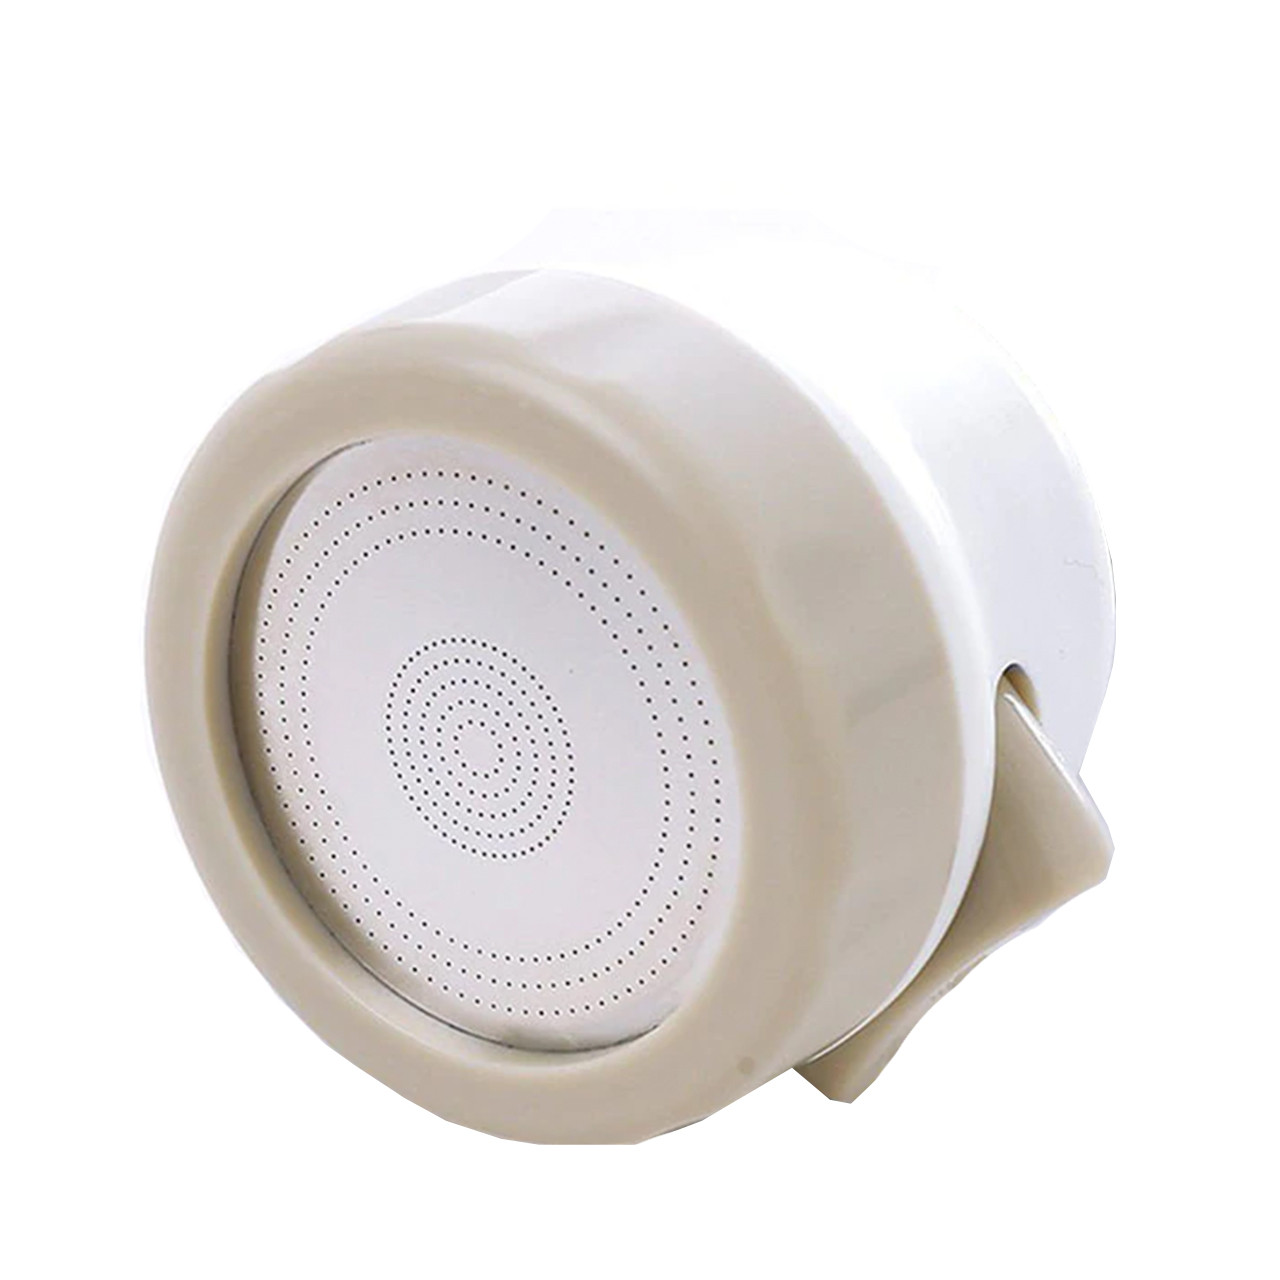 Насадка-распылитель на кран Ginetarr A002 Белый с бежевым (2930-9135)